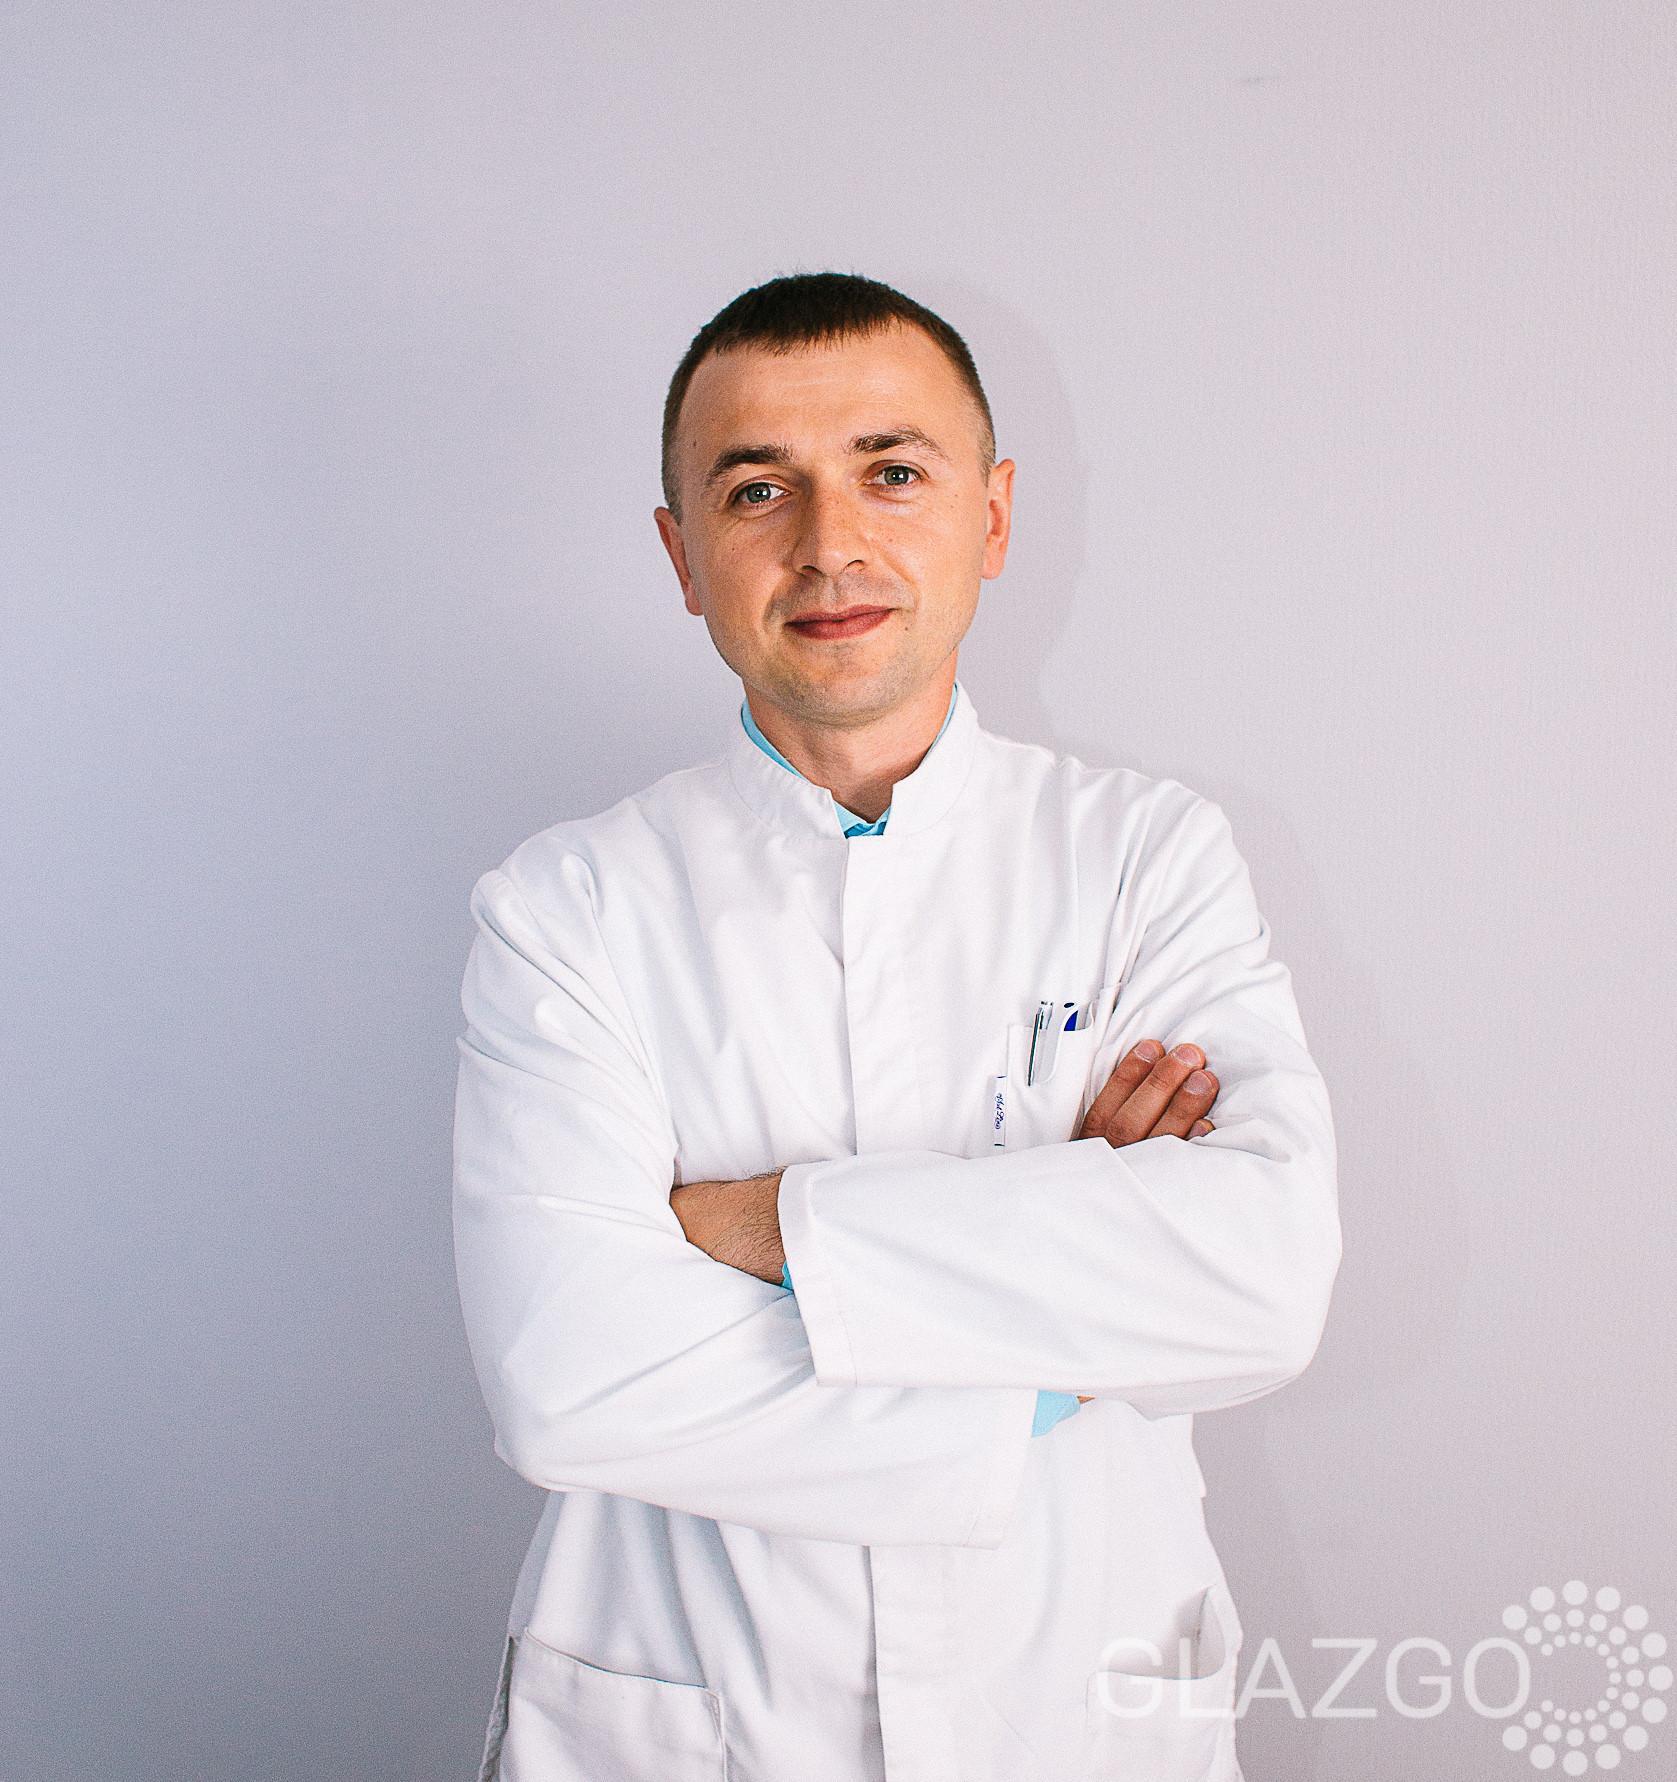 https://glazgo.com.ua/wp-content/uploads/2015/11/vi_ivashin_golovna.jpg